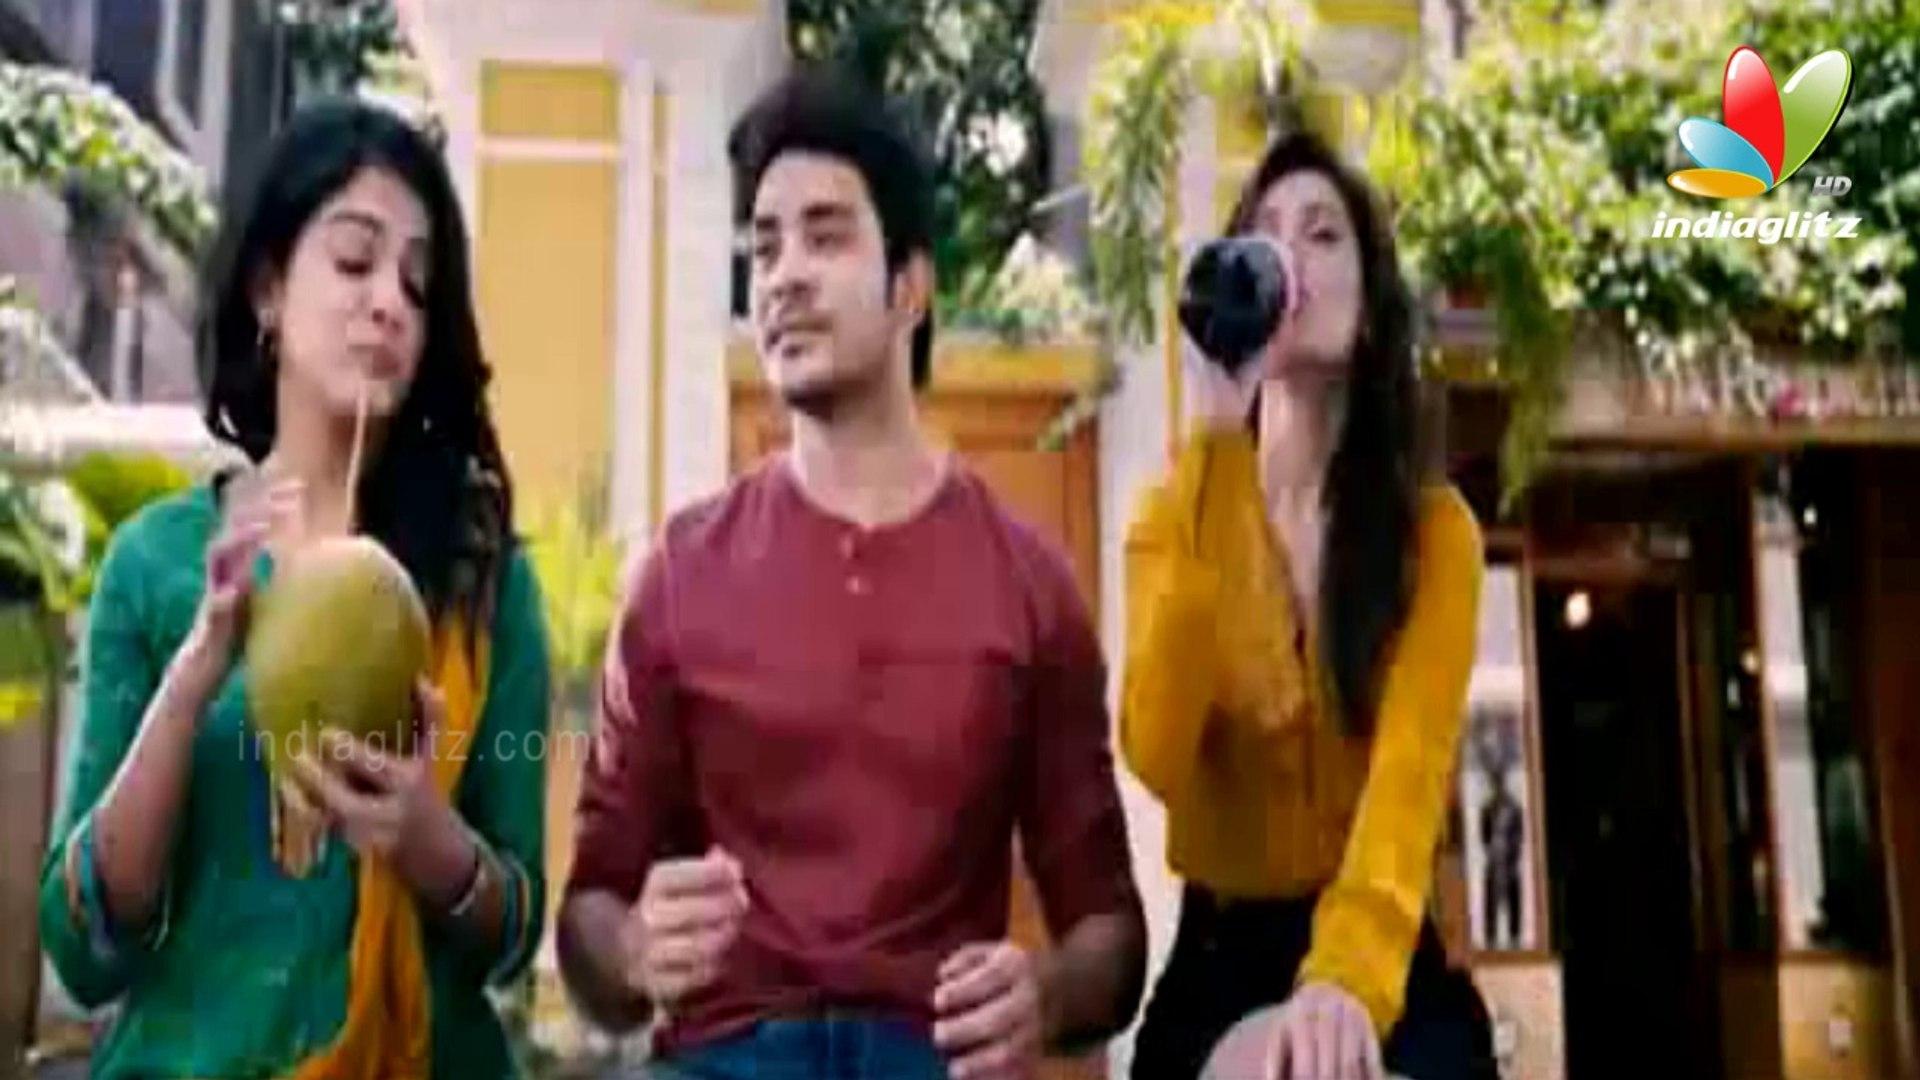 Vaaliba Raja Tamil Movie Trailer |  Santhanam, Sethu, Vishakha Singh | Tamil Comedy Film 2014